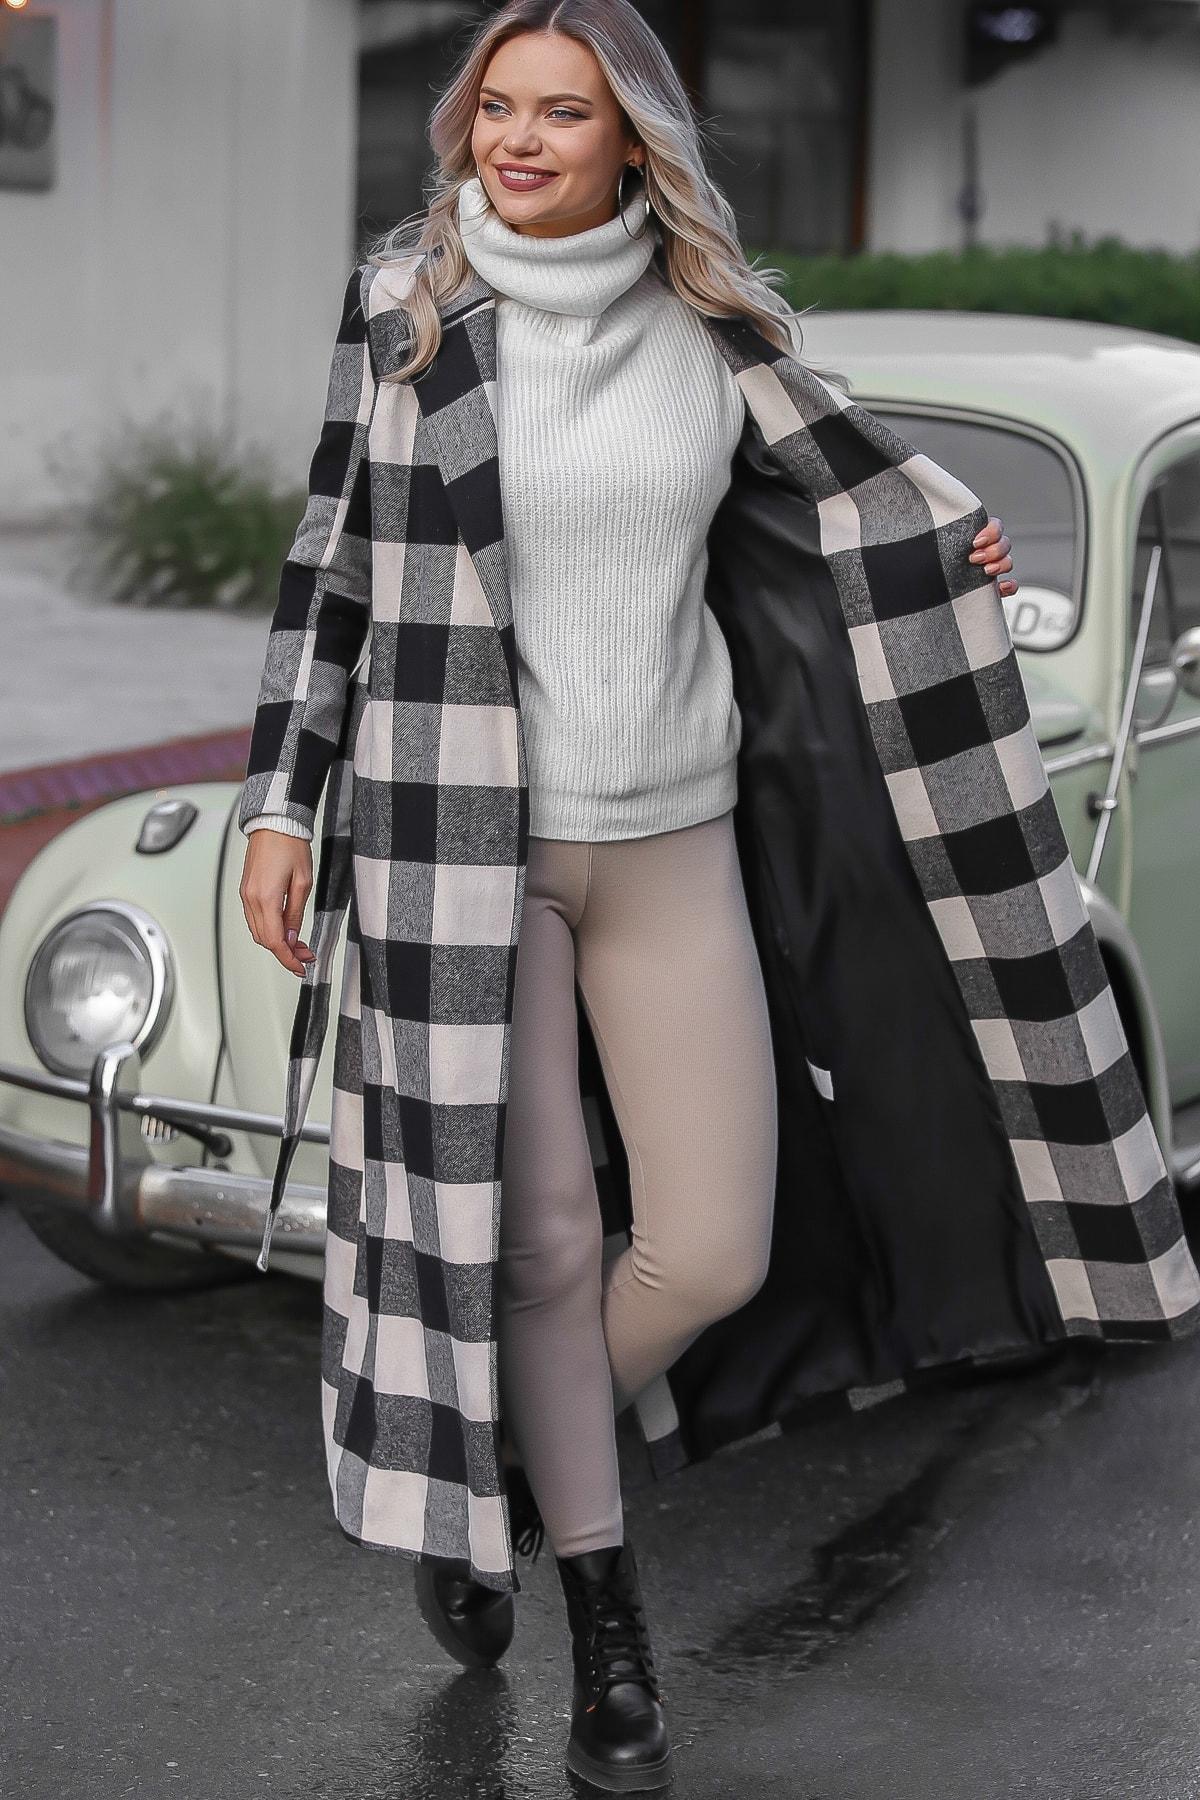 Chiccy Kadın Siyah-Ekru Klasik Ceket Yakalı Ekose Cepli Astarlı Yırtmaçlı Uzun Kaşe Kaban M10210200KA99841 3